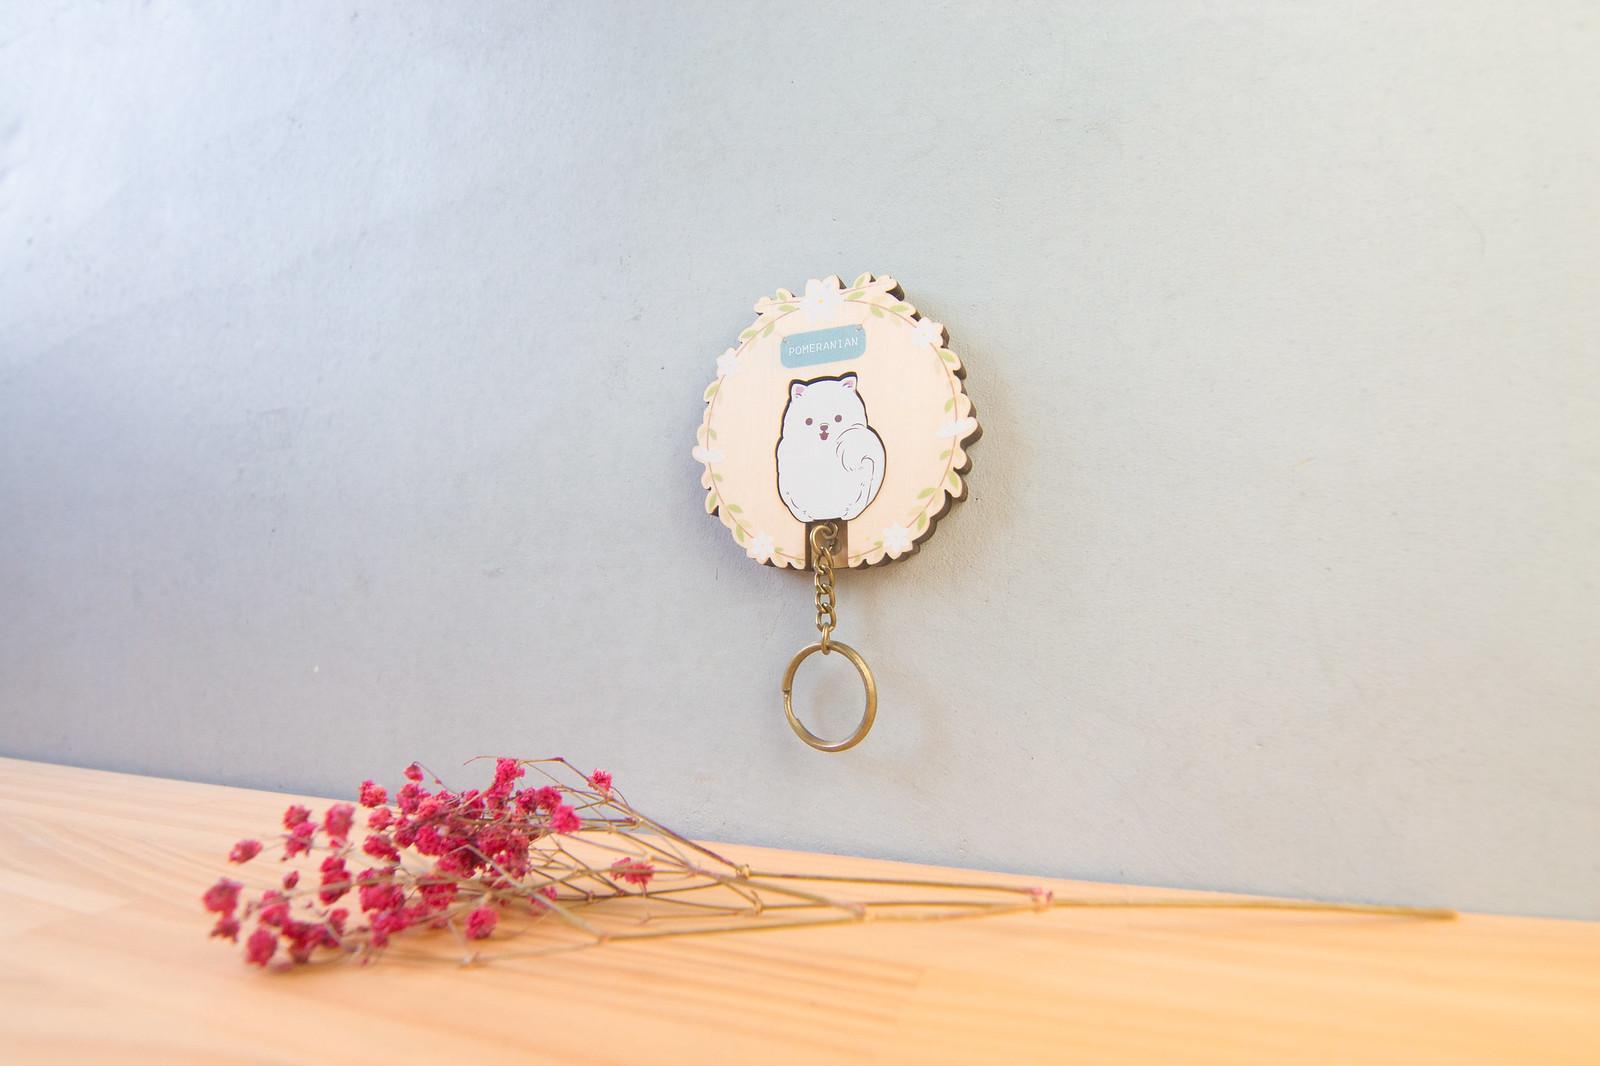 鑰匙圈 客製化 禮物 特色產品 居家 台灣設計 生日 情人節 動物 狗 寵物 吉祥物 療癒 聖誕節 收納 裝飾 吊飾 送禮 中性 木 楓木 胡桃木 鑰匙